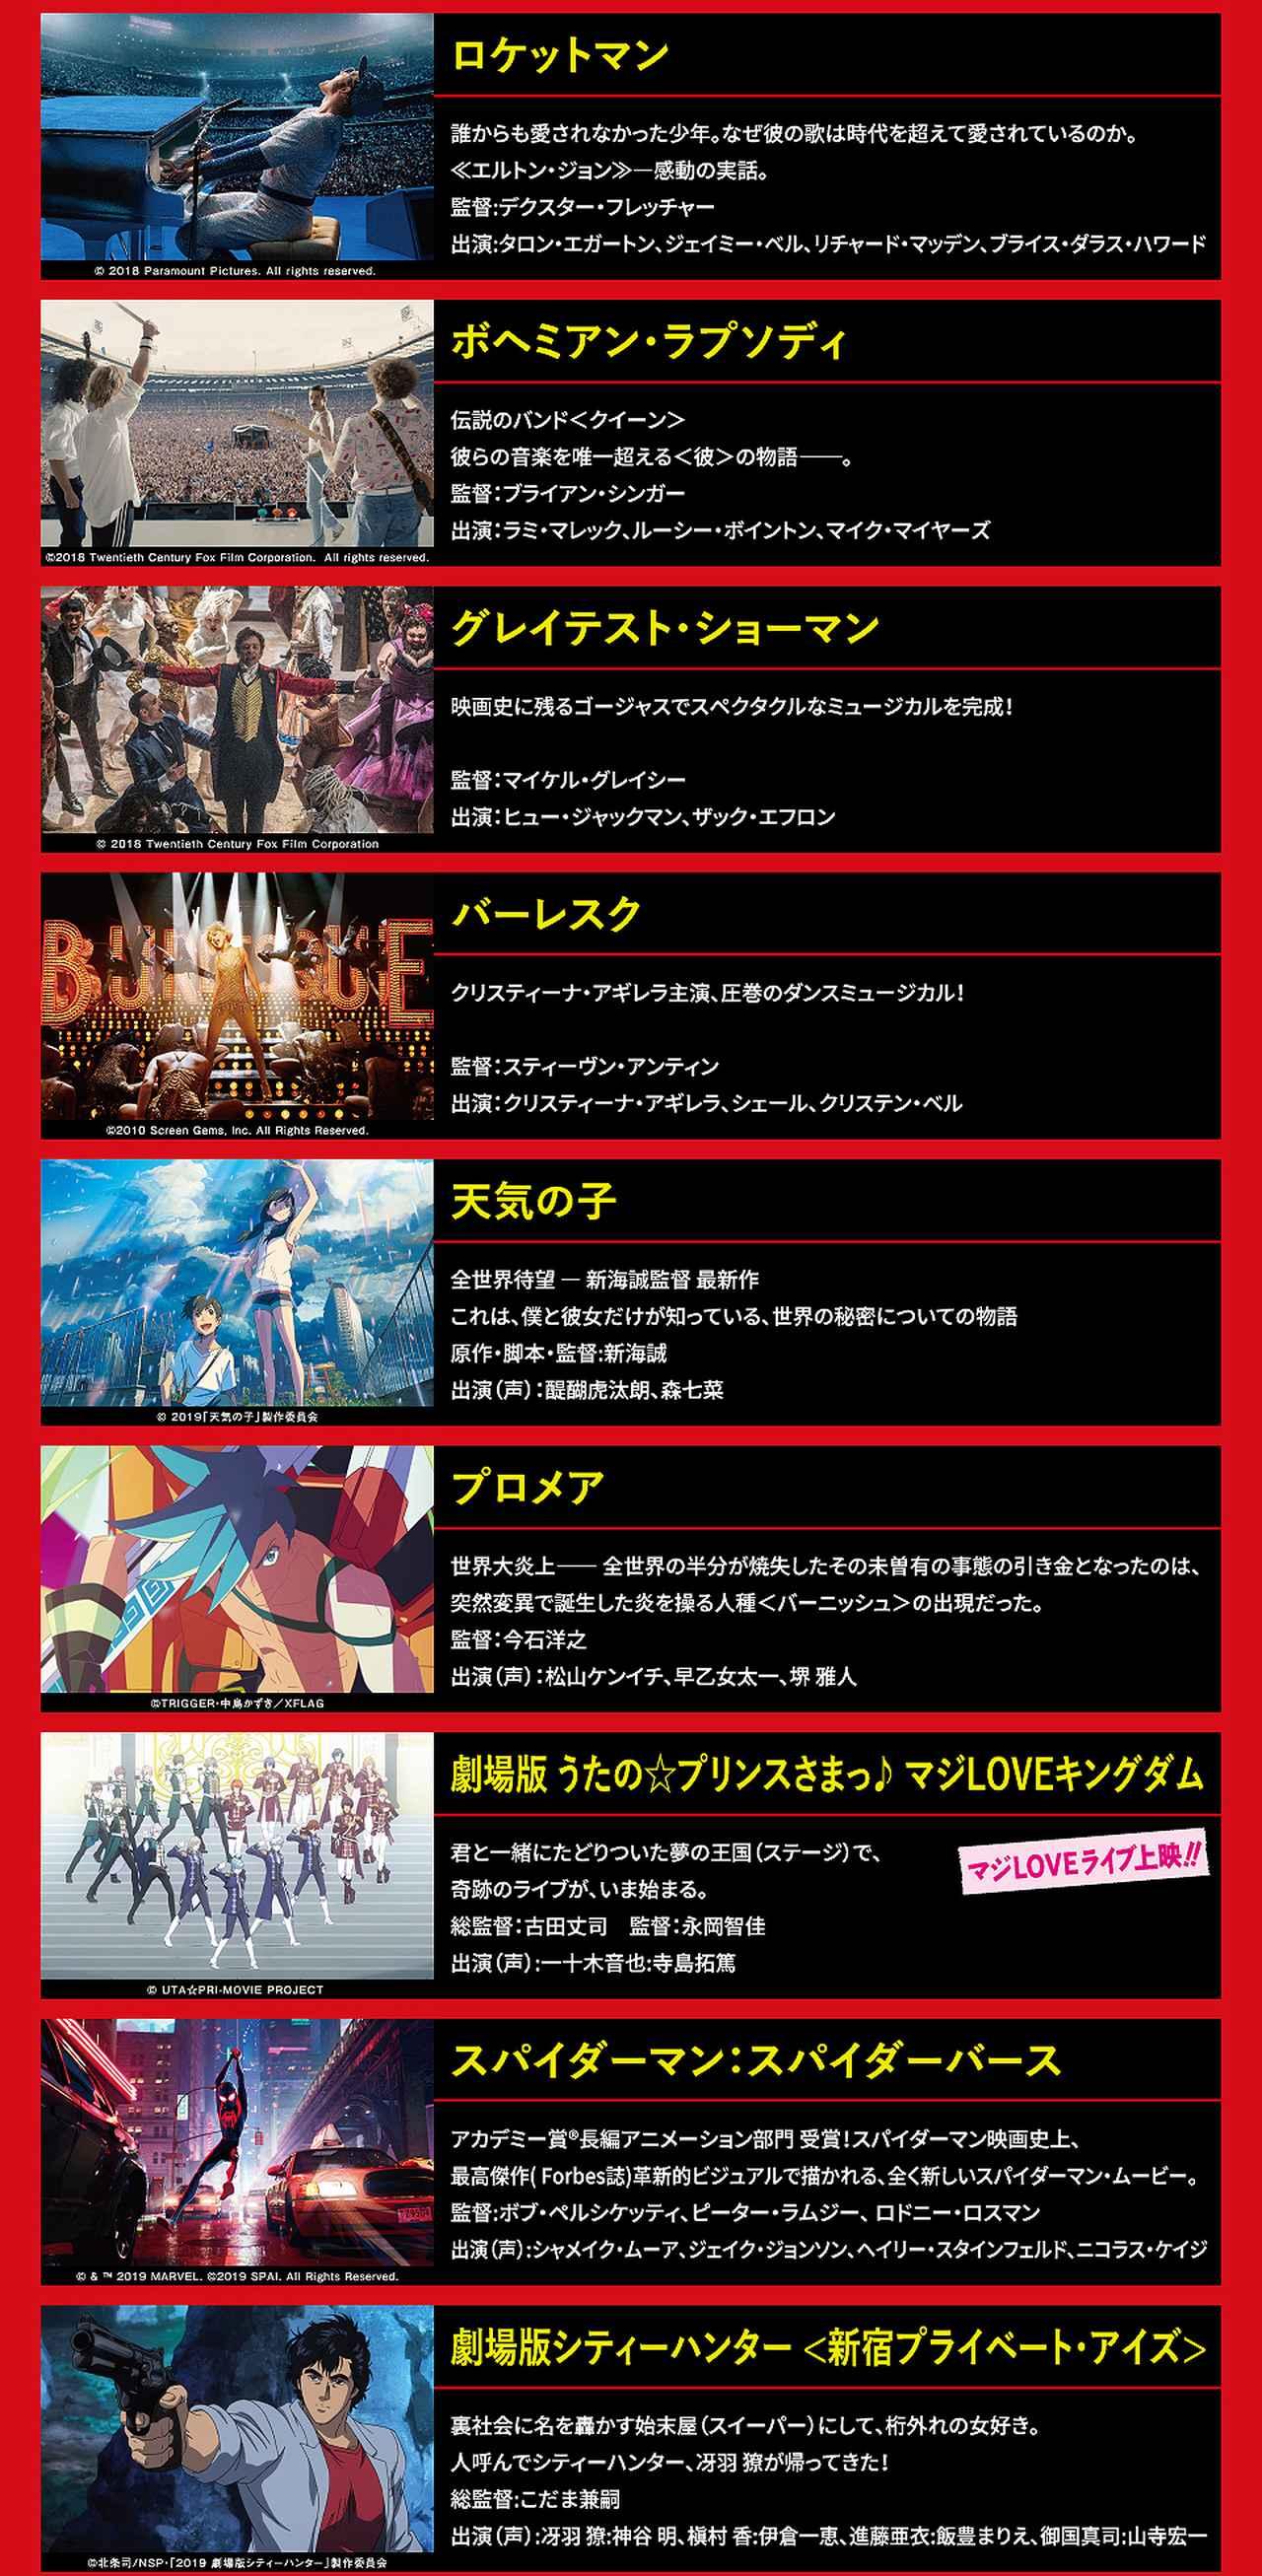 画像: 爆音映画祭 in 109シネマズ広島 Vol.3 | 109CINEMAS